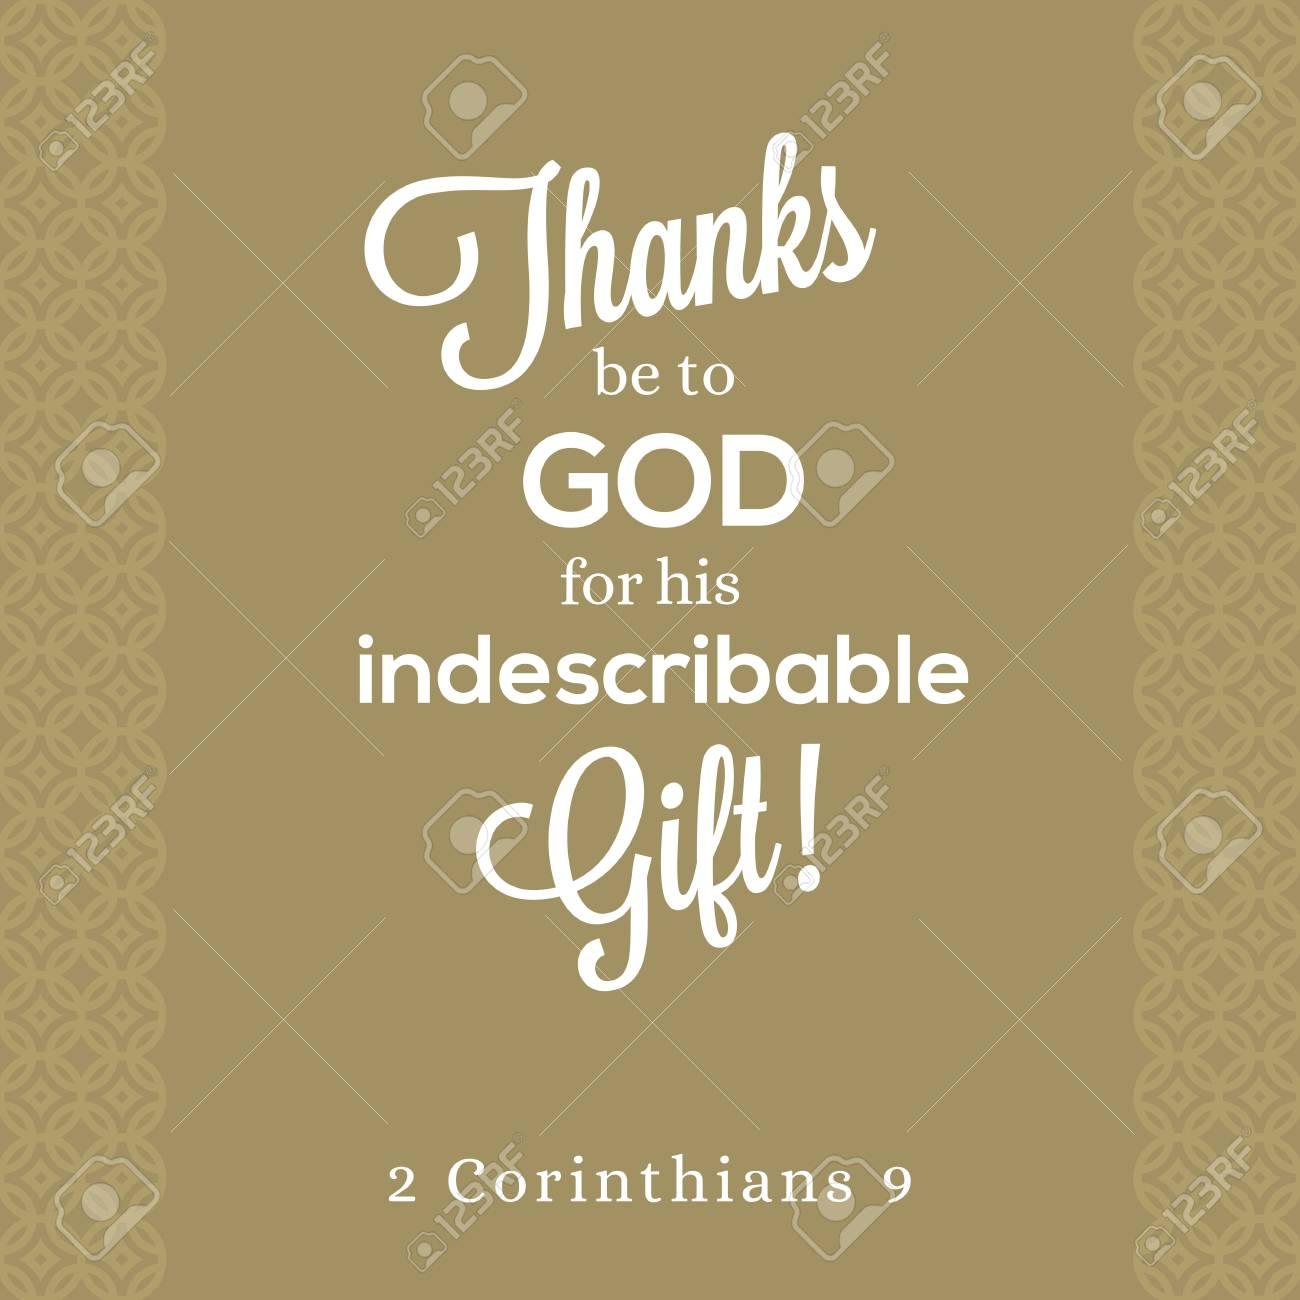 Bien-aimée Grâce à Dieu Pour Son Cadeau Indescriptible De 2 Corinthiens #IV_98